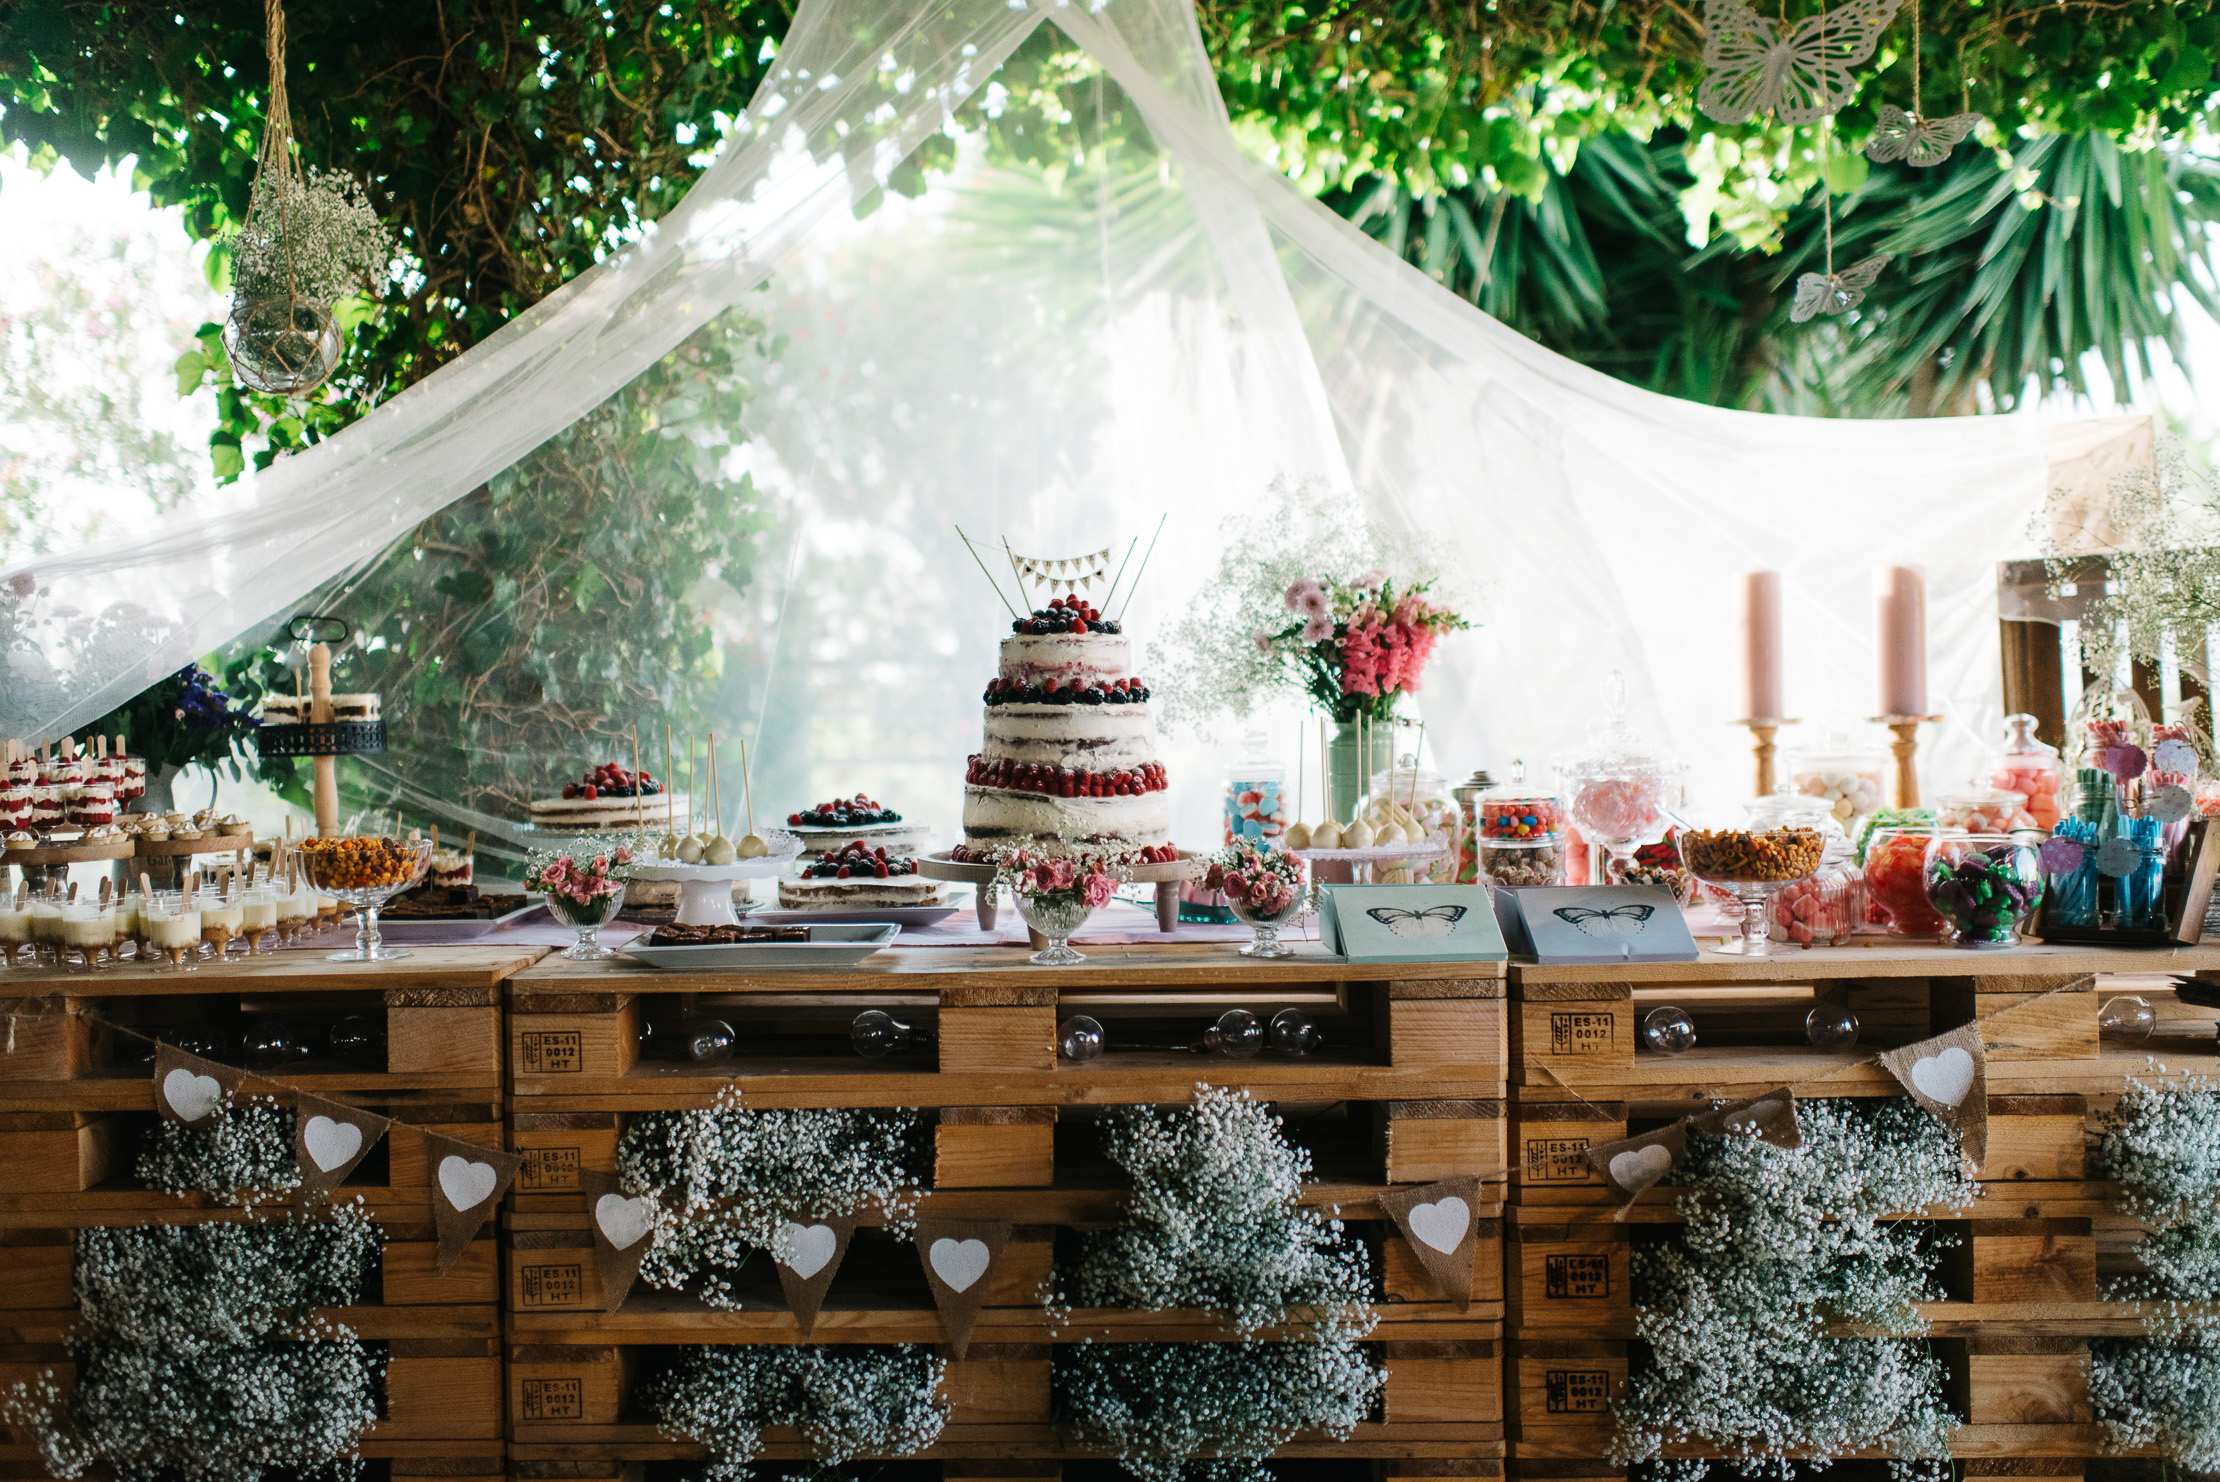 Mesa de chuches y tartas en palets - Boda Inma & Ronan en Dehesa Bolaños